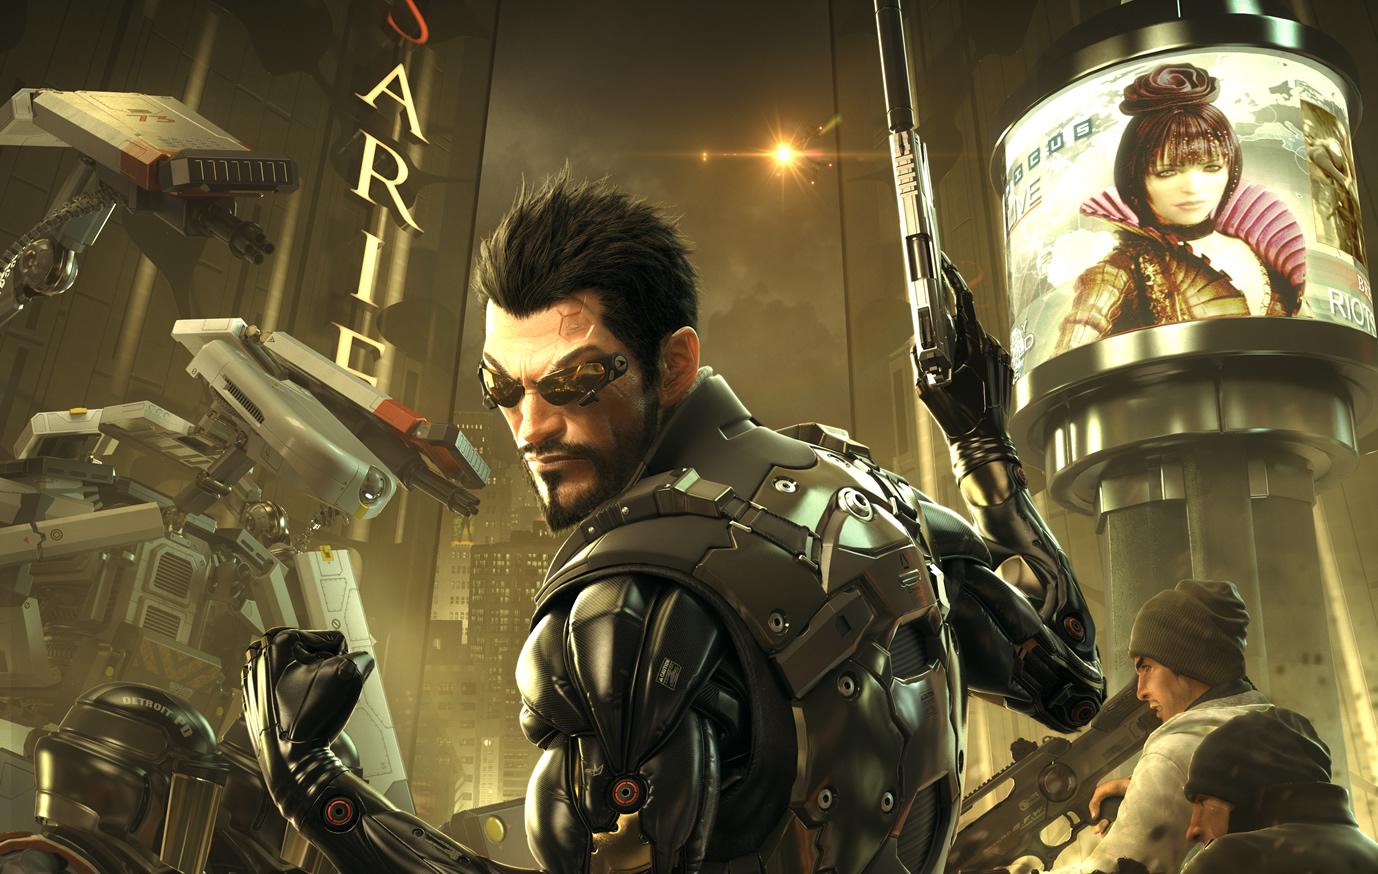 PN Review: Deus Ex: Human Revolution Director's Cut